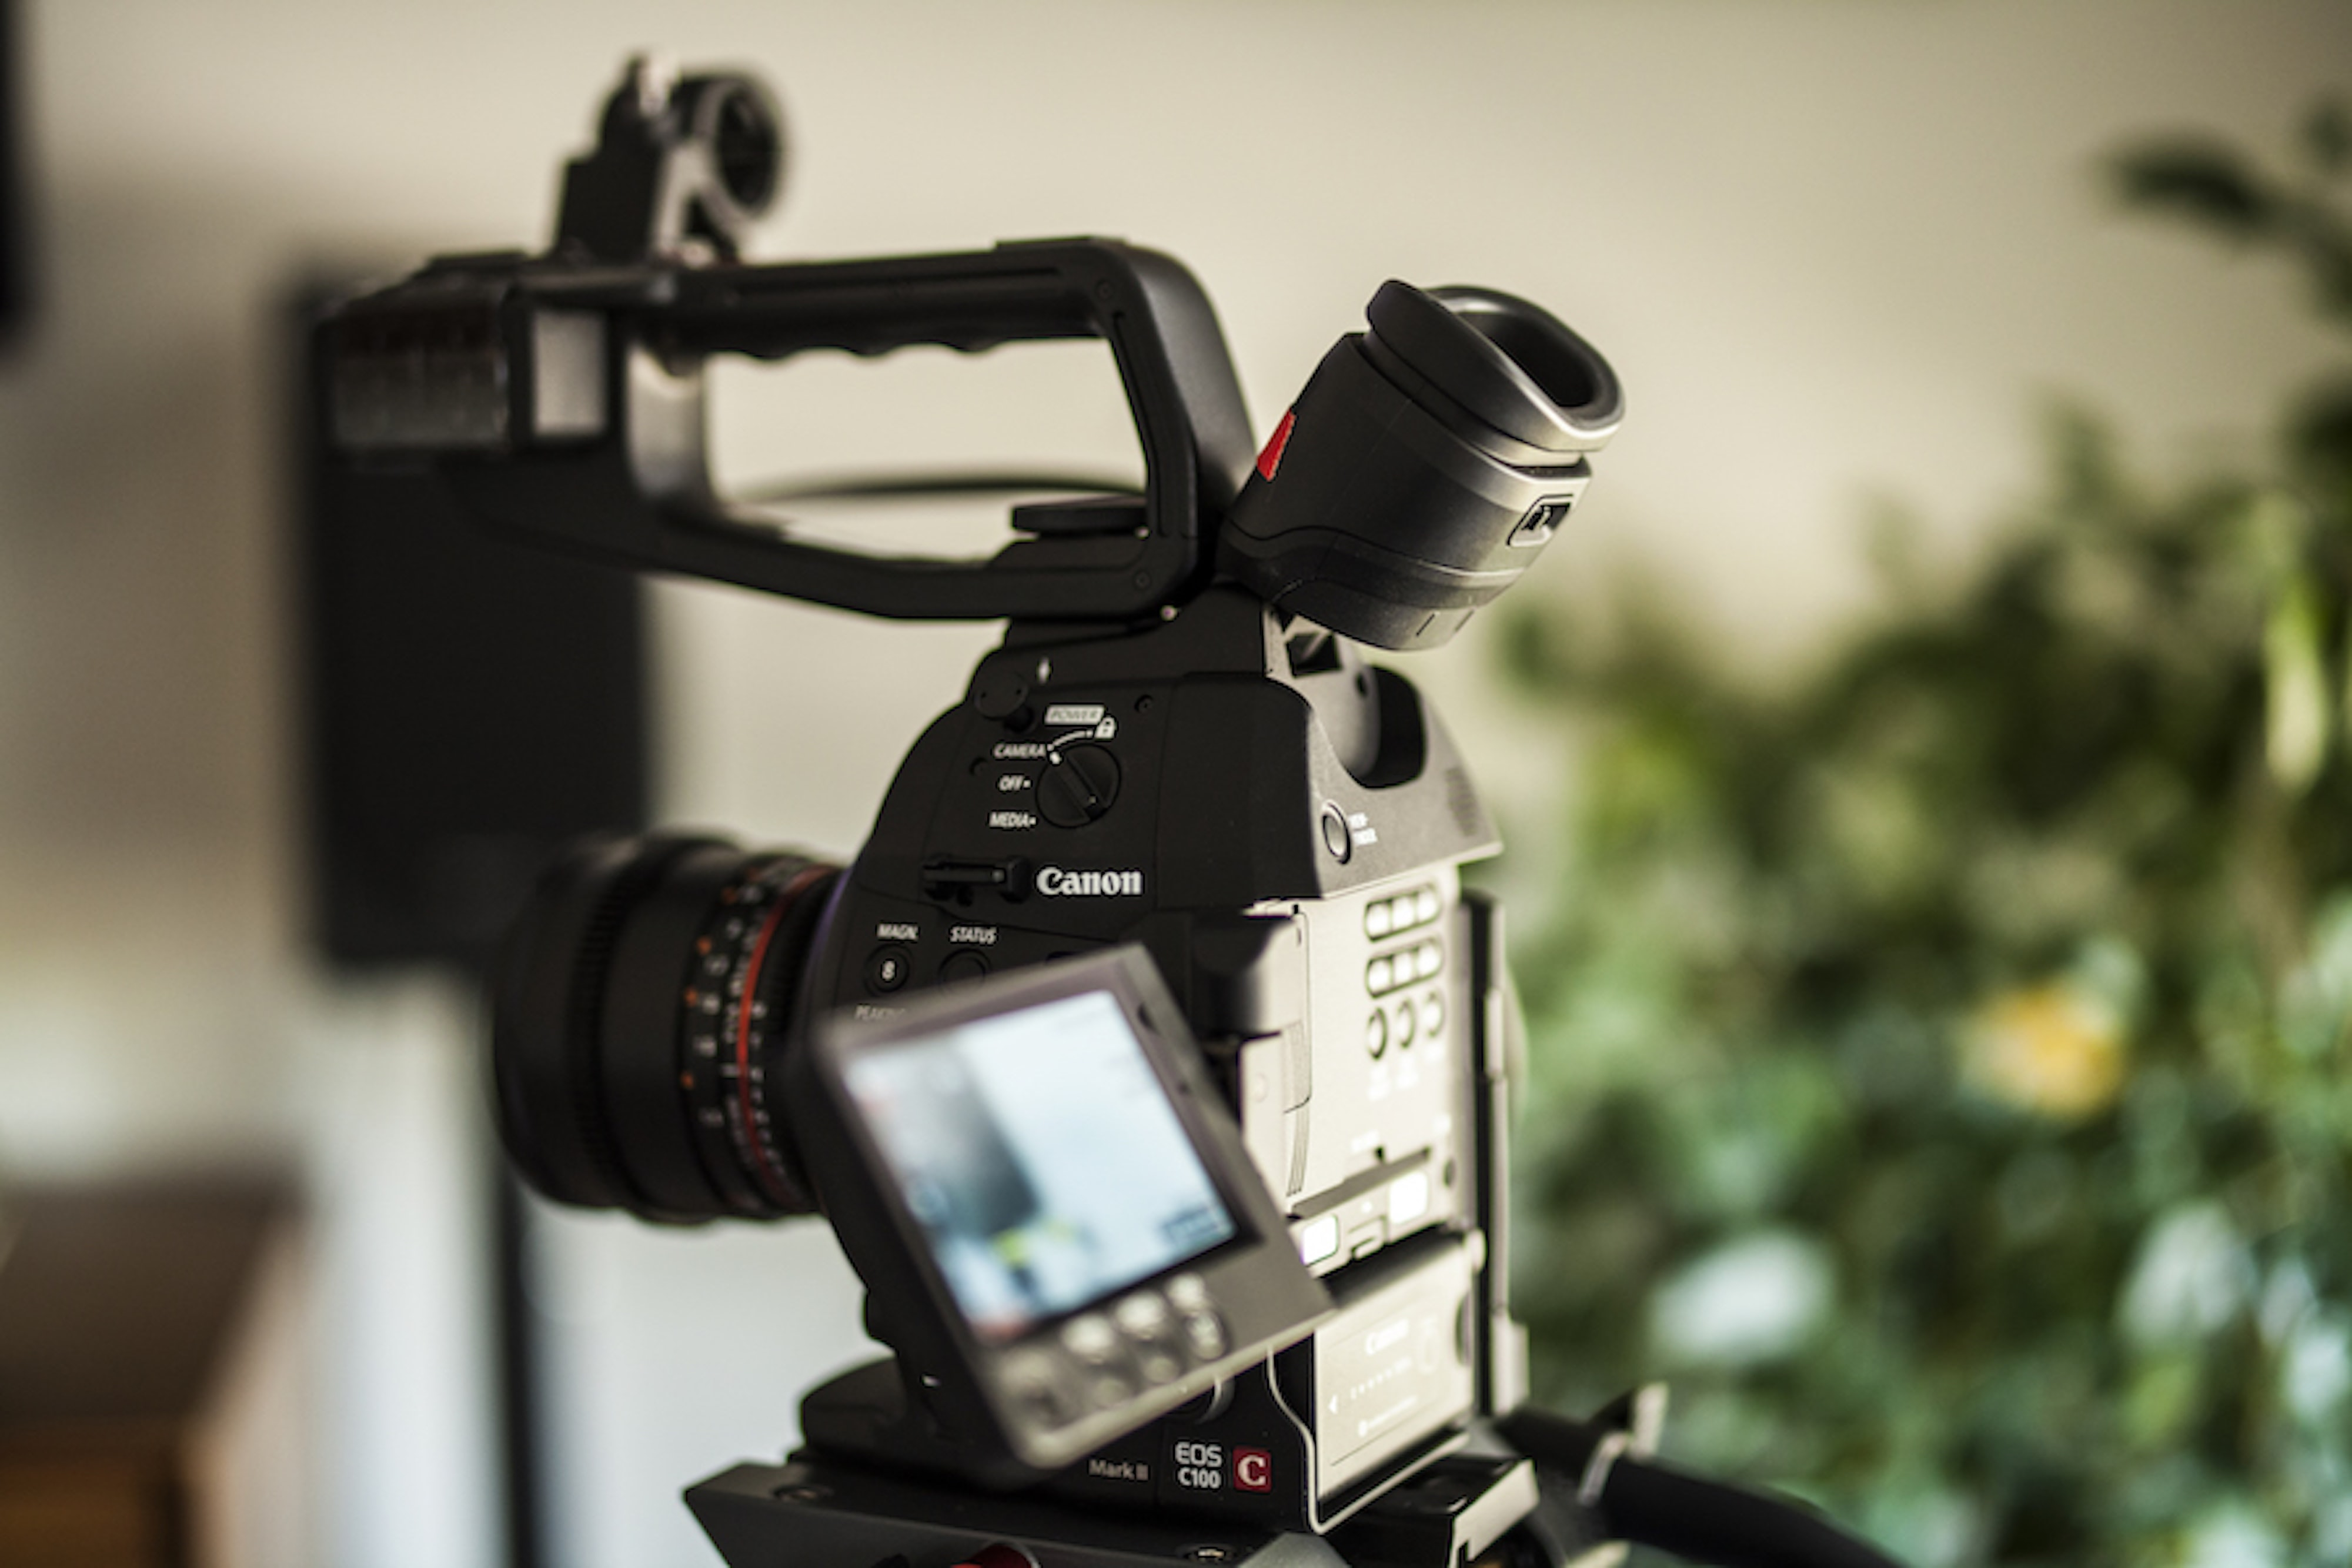 Canon DSLR camera